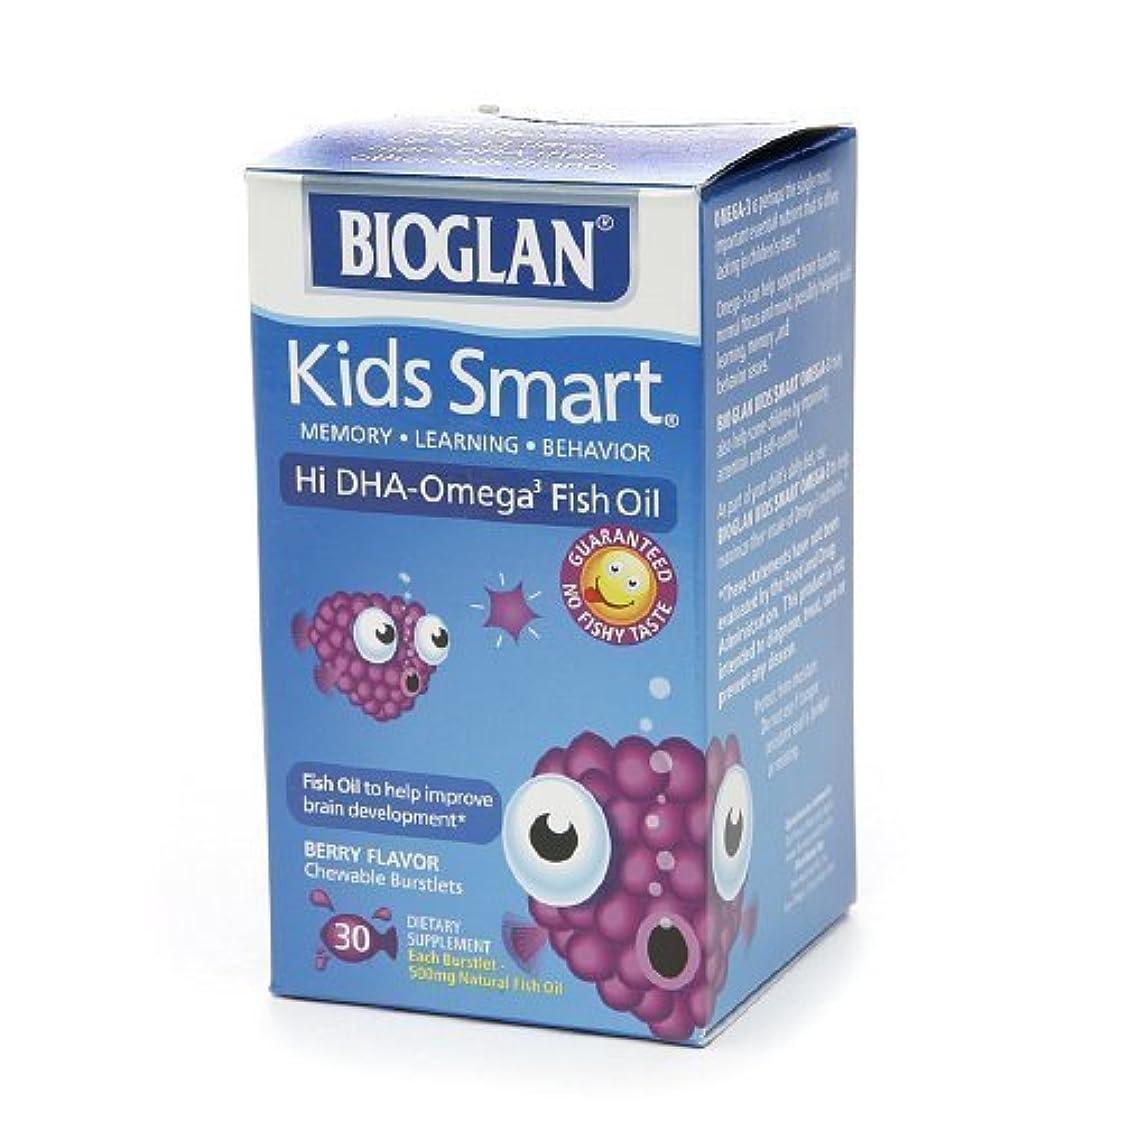 駐地心理学最初にBioGlan Kids Smart Hi DHA Omega-3 Fish Oil, Chewable Burstlets, Berry--30 ea-Product ID DRU-318828_1 by bioglan...